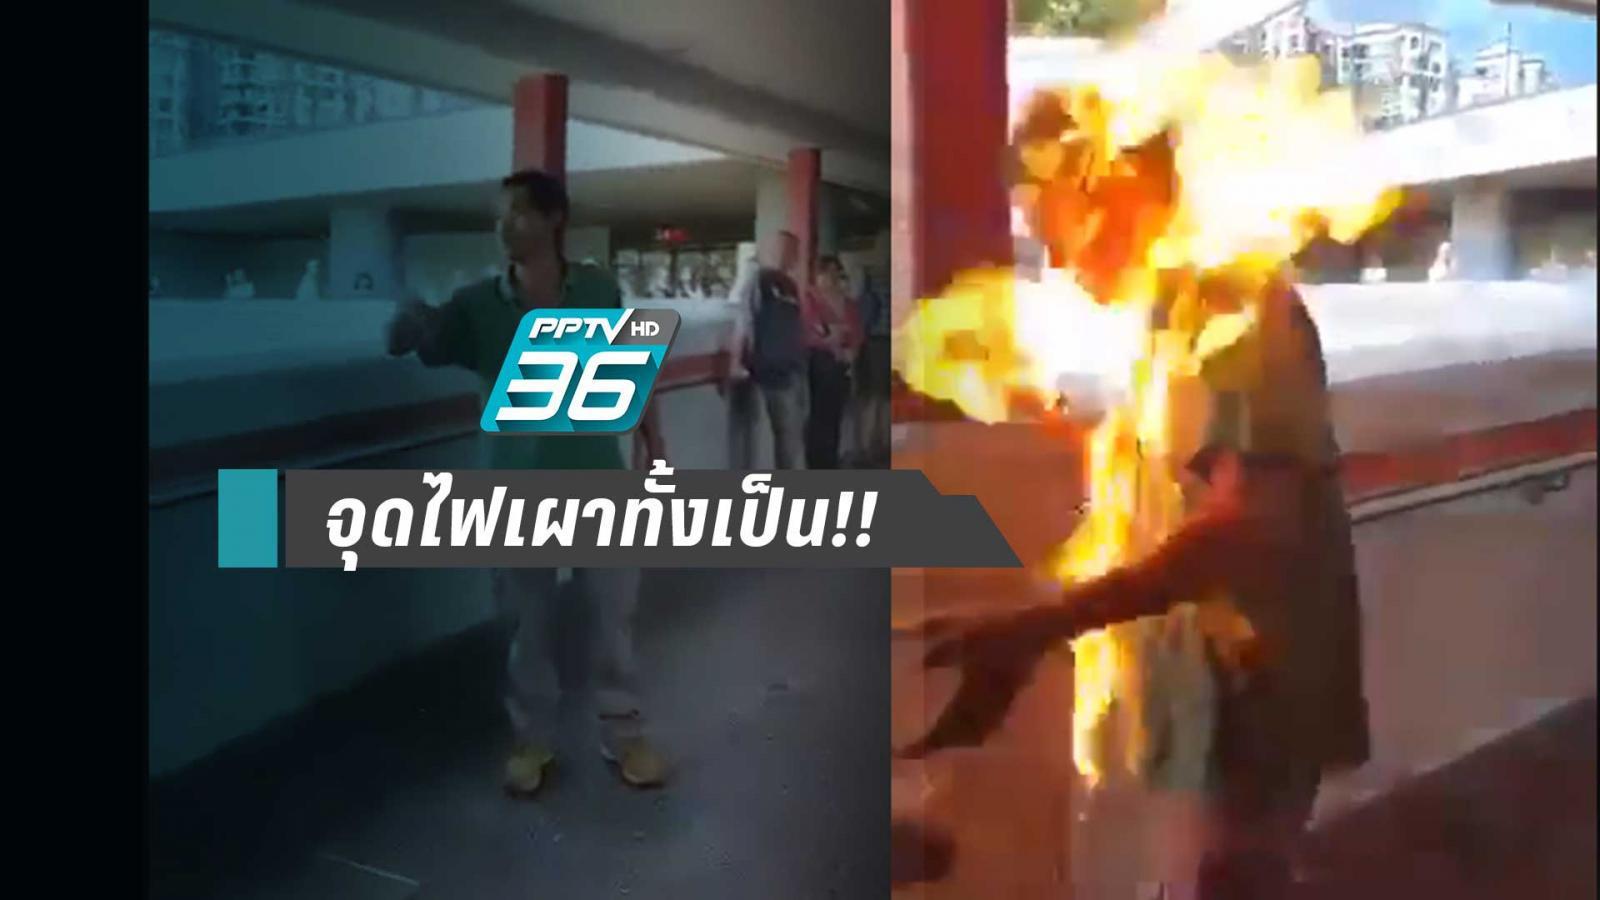 ชายฮ่องกงถูกราดน้ำมันแล้วจุดไฟเผาทั้งเป็น!!